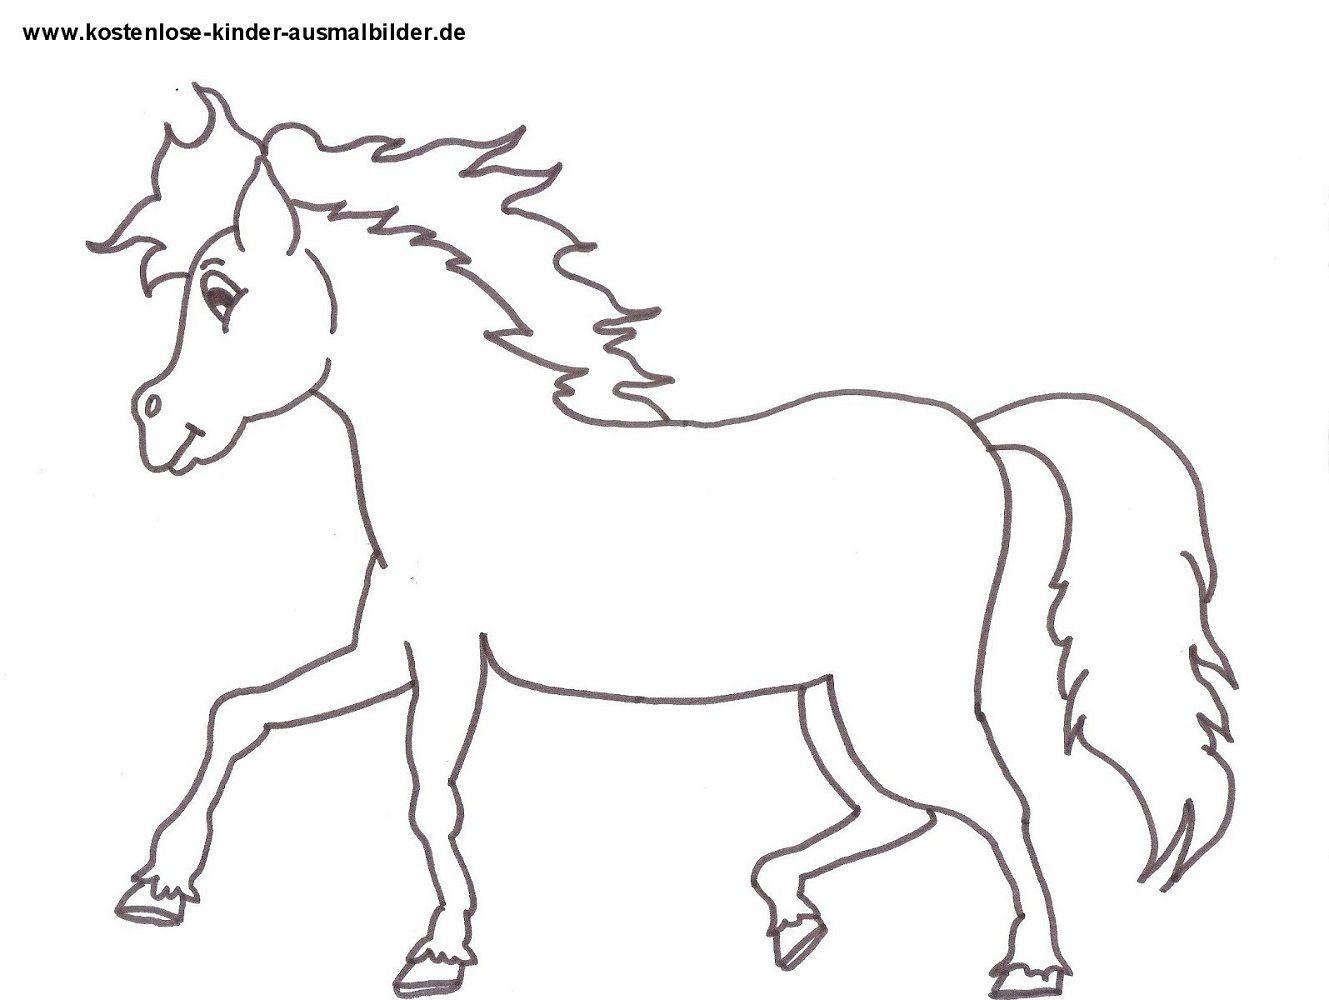 Window Color Malvorlagen Pferde Gratis - Zeichnen und Färben